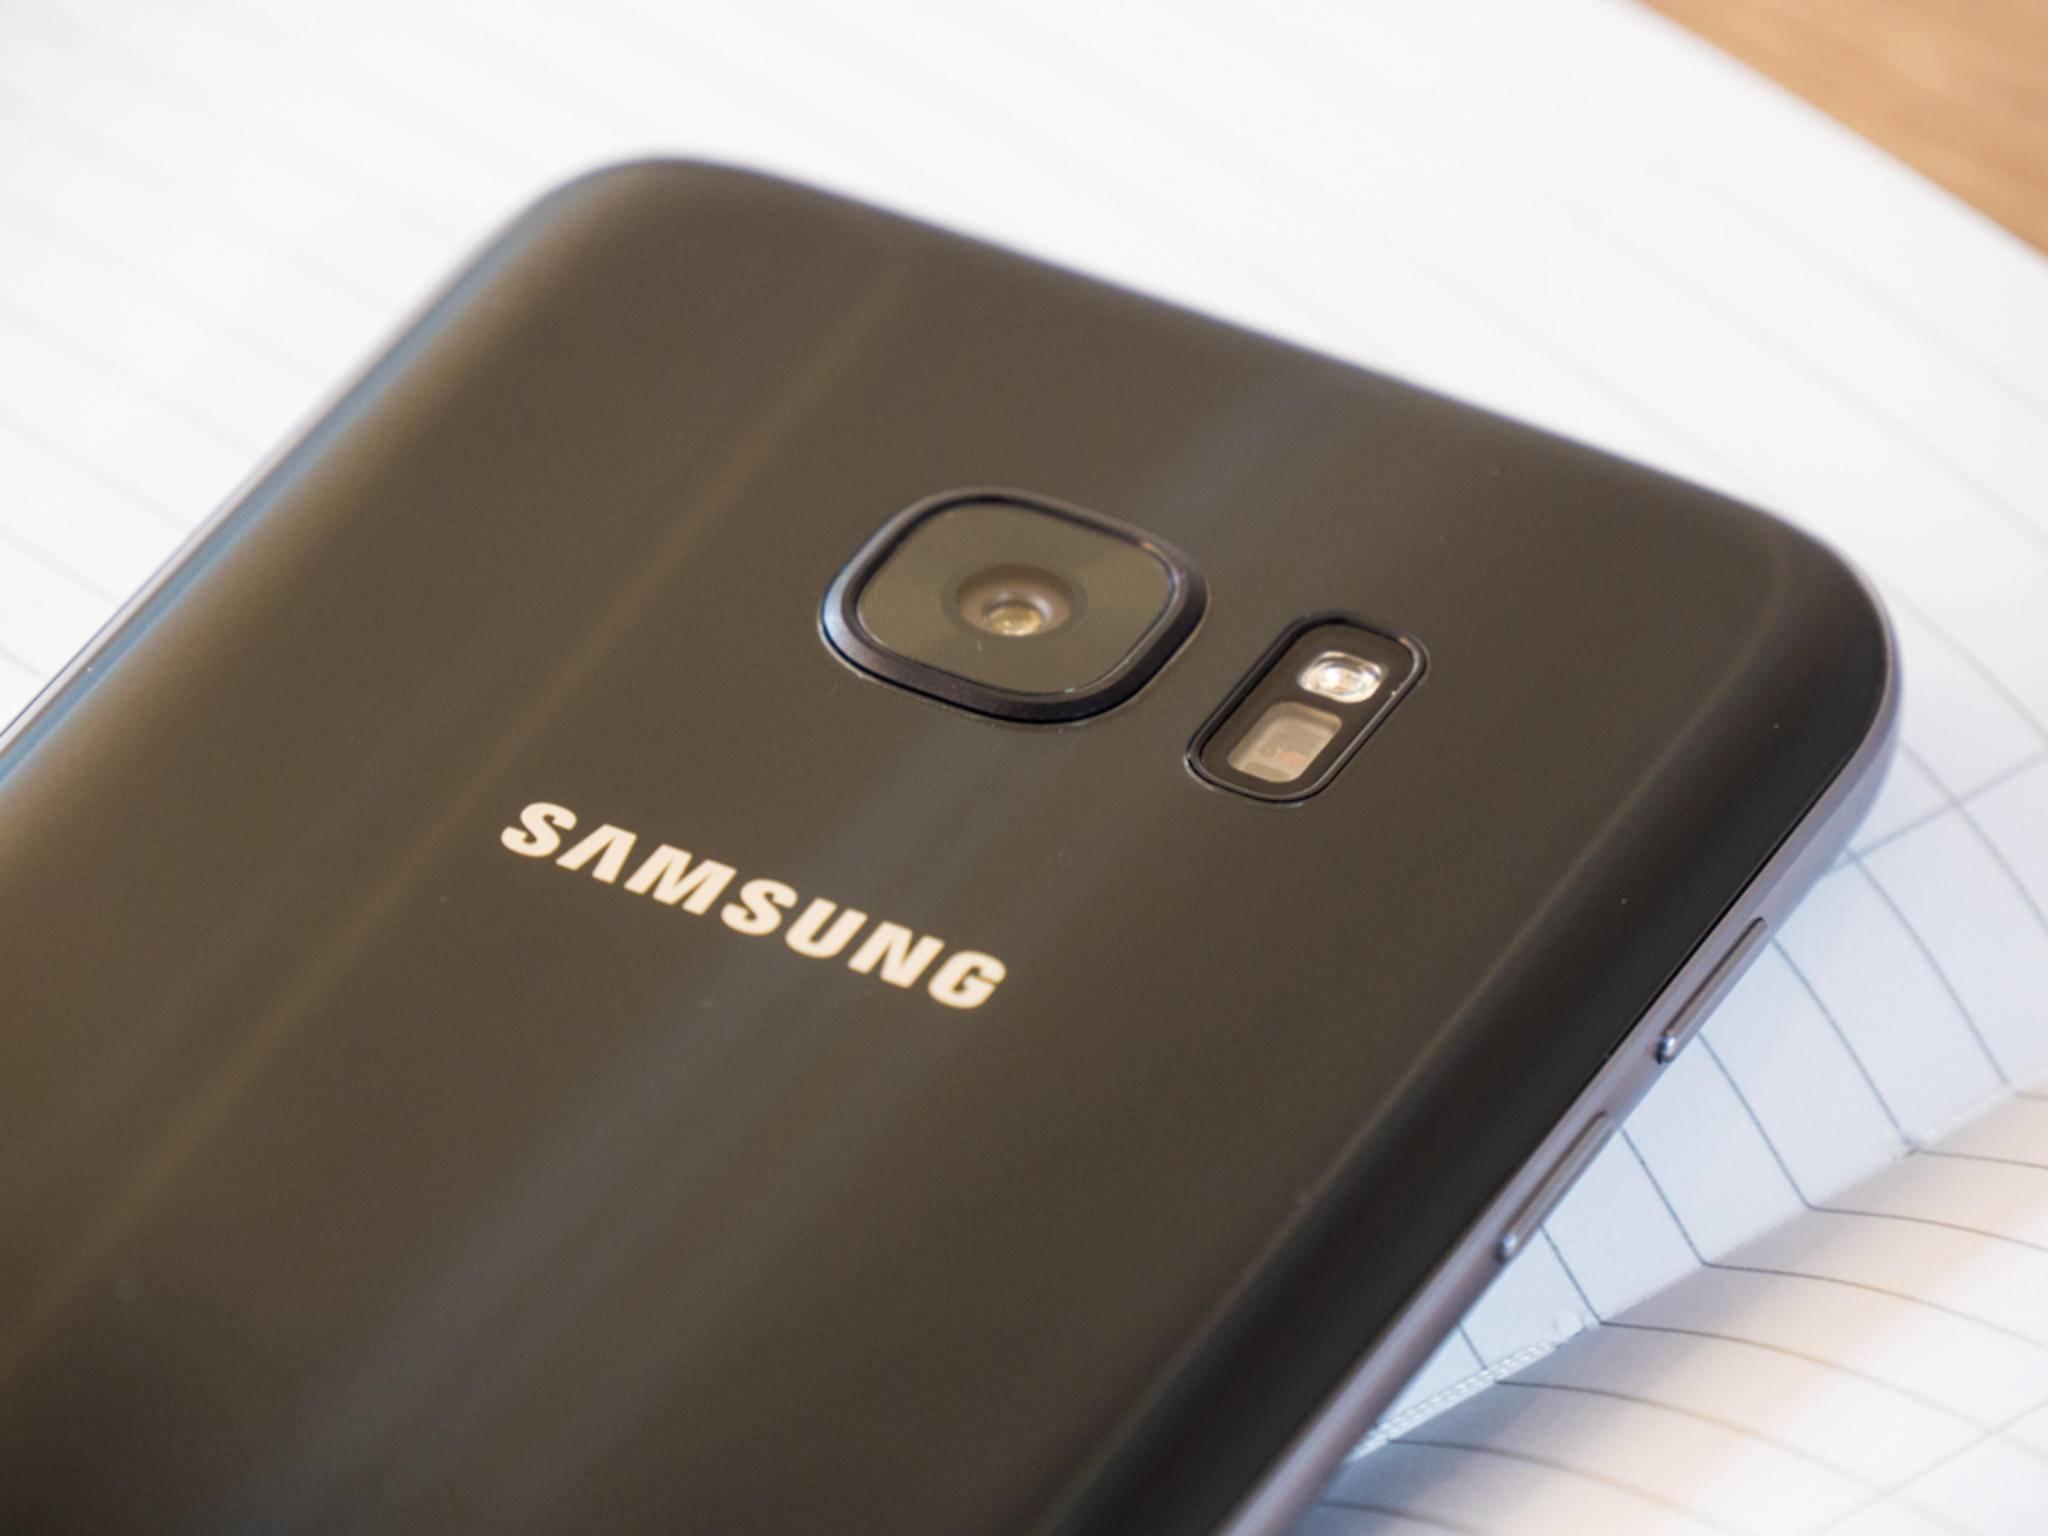 Da das Galaxy S7 dicker ist als das S6, steht die Kamera weniger hervor.